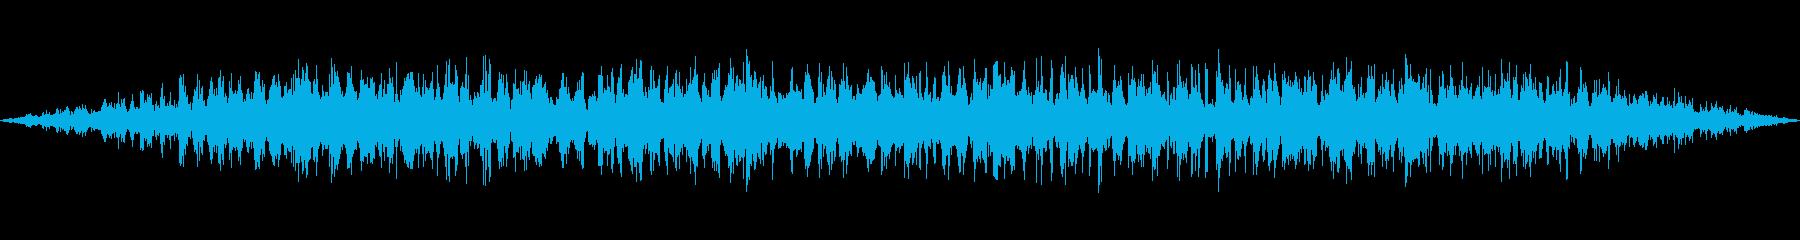 ウッドブリッジ0-25のウッドフッ...の再生済みの波形